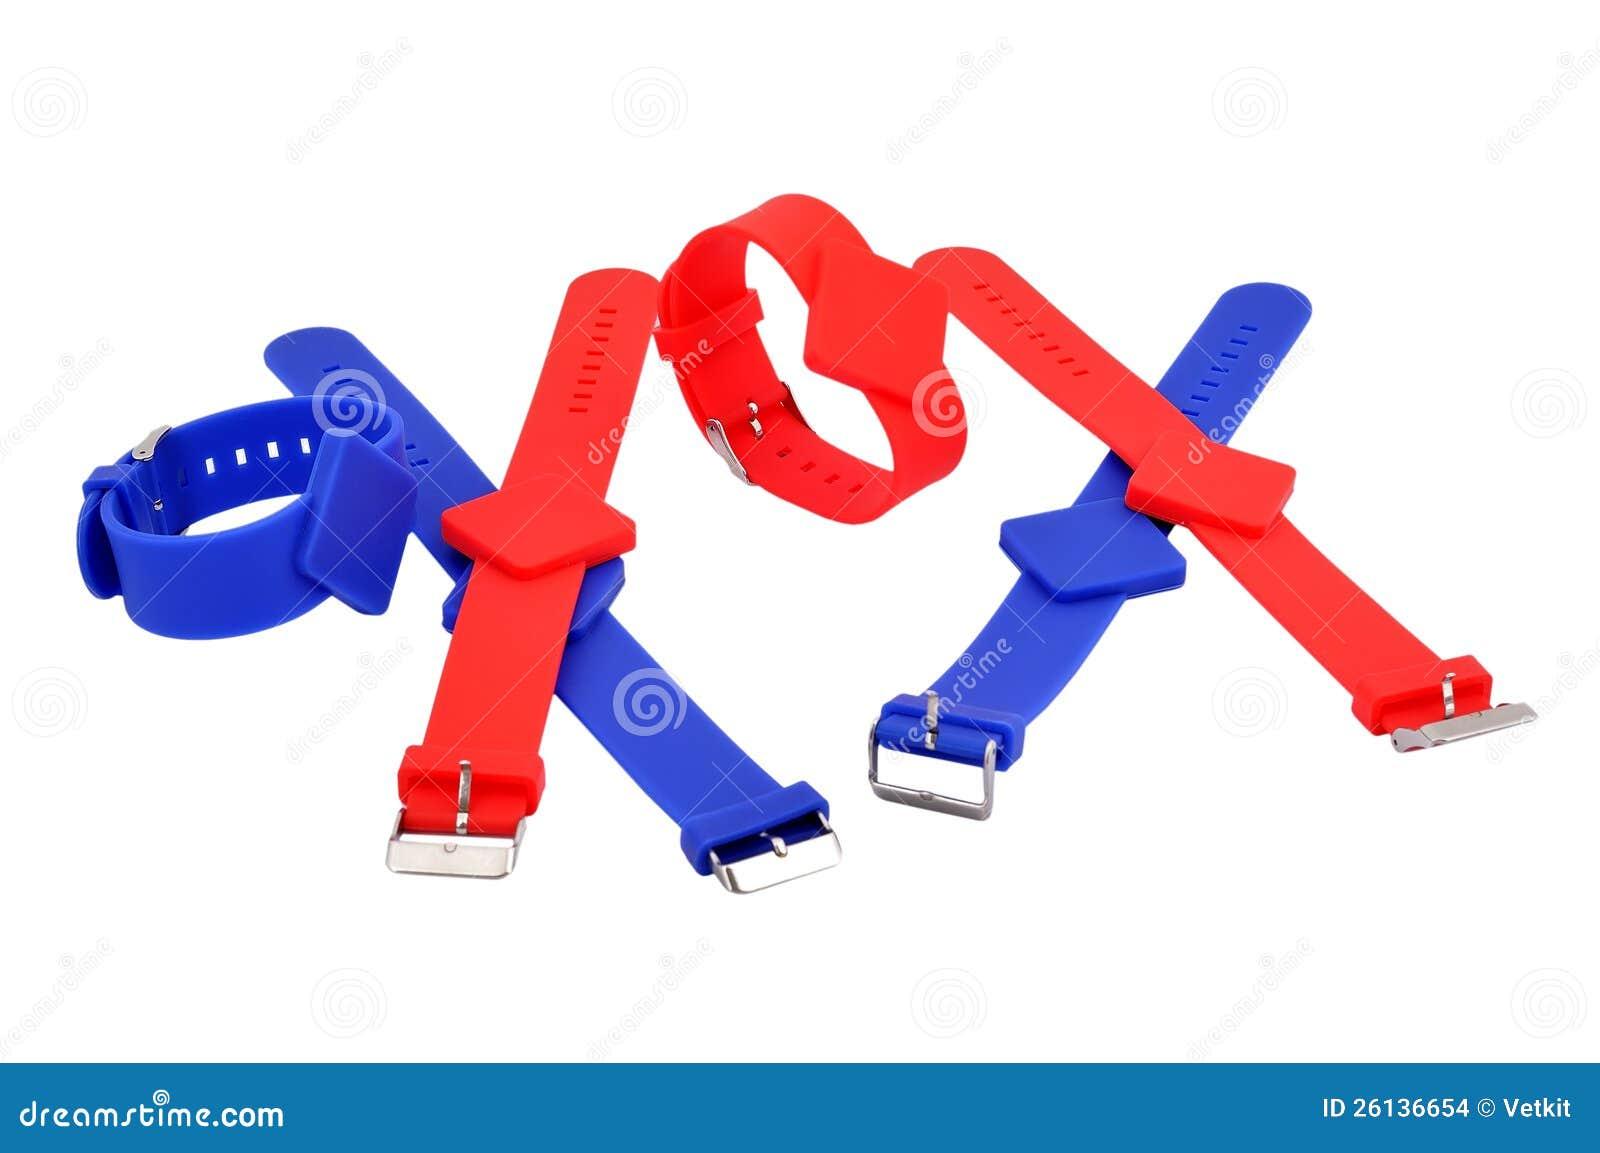 Pulseras rojas y azules de RFID